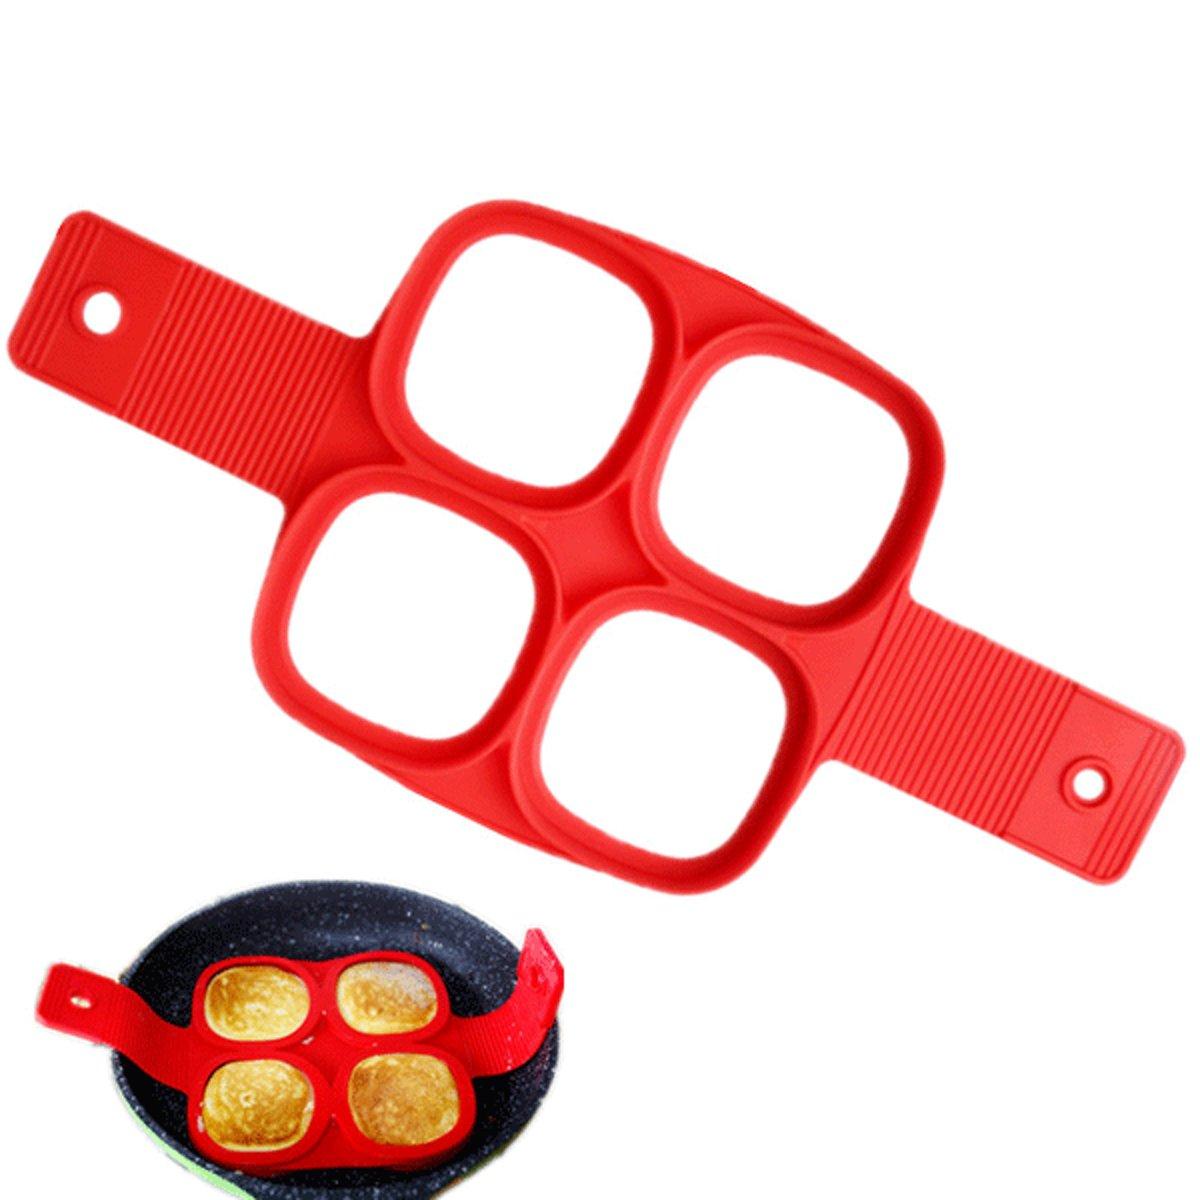 Siliconen Bakvorm Ei Pannenkoek – Bakvorm Flipper - Maak de perfecte pannenkoeken gebakken eieren en omeletjes - Bakvorm ei – Bak eenvoudig 4 Gelijke Gerechten – Model Vierkant kopen